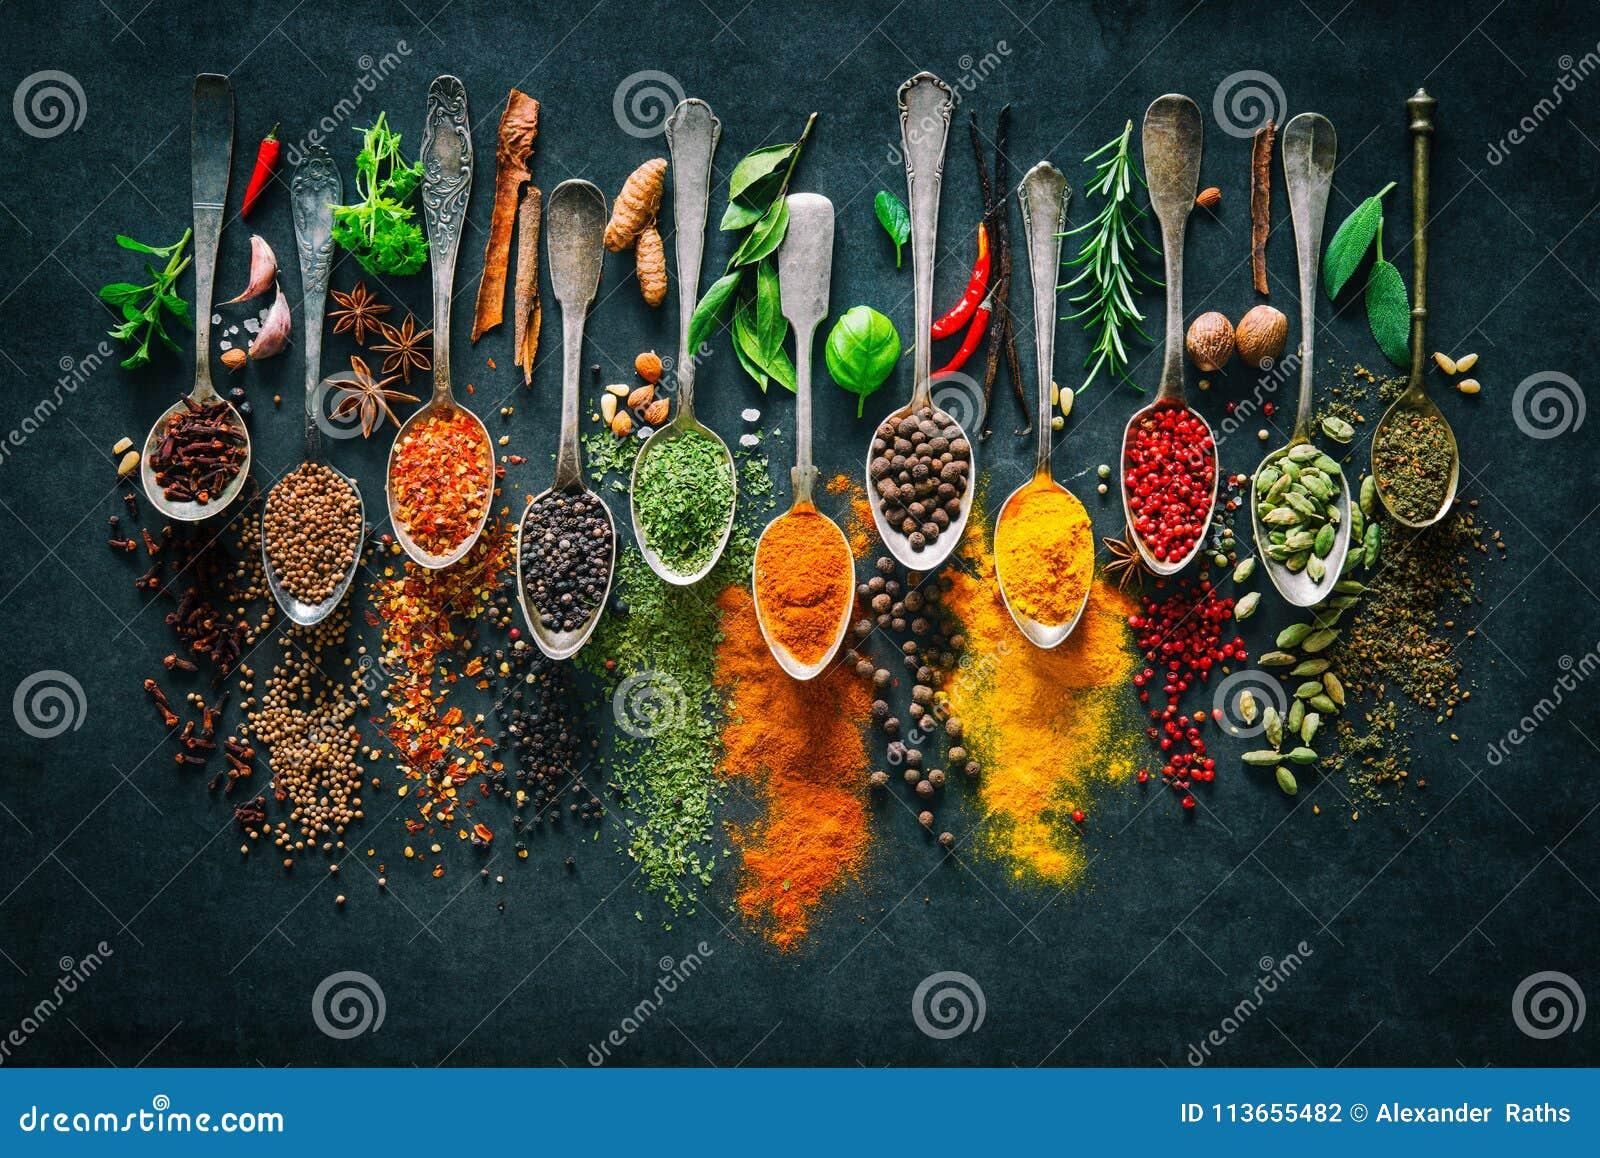 Kräuter und Gewürze für das Kochen auf dunklem Hintergrund